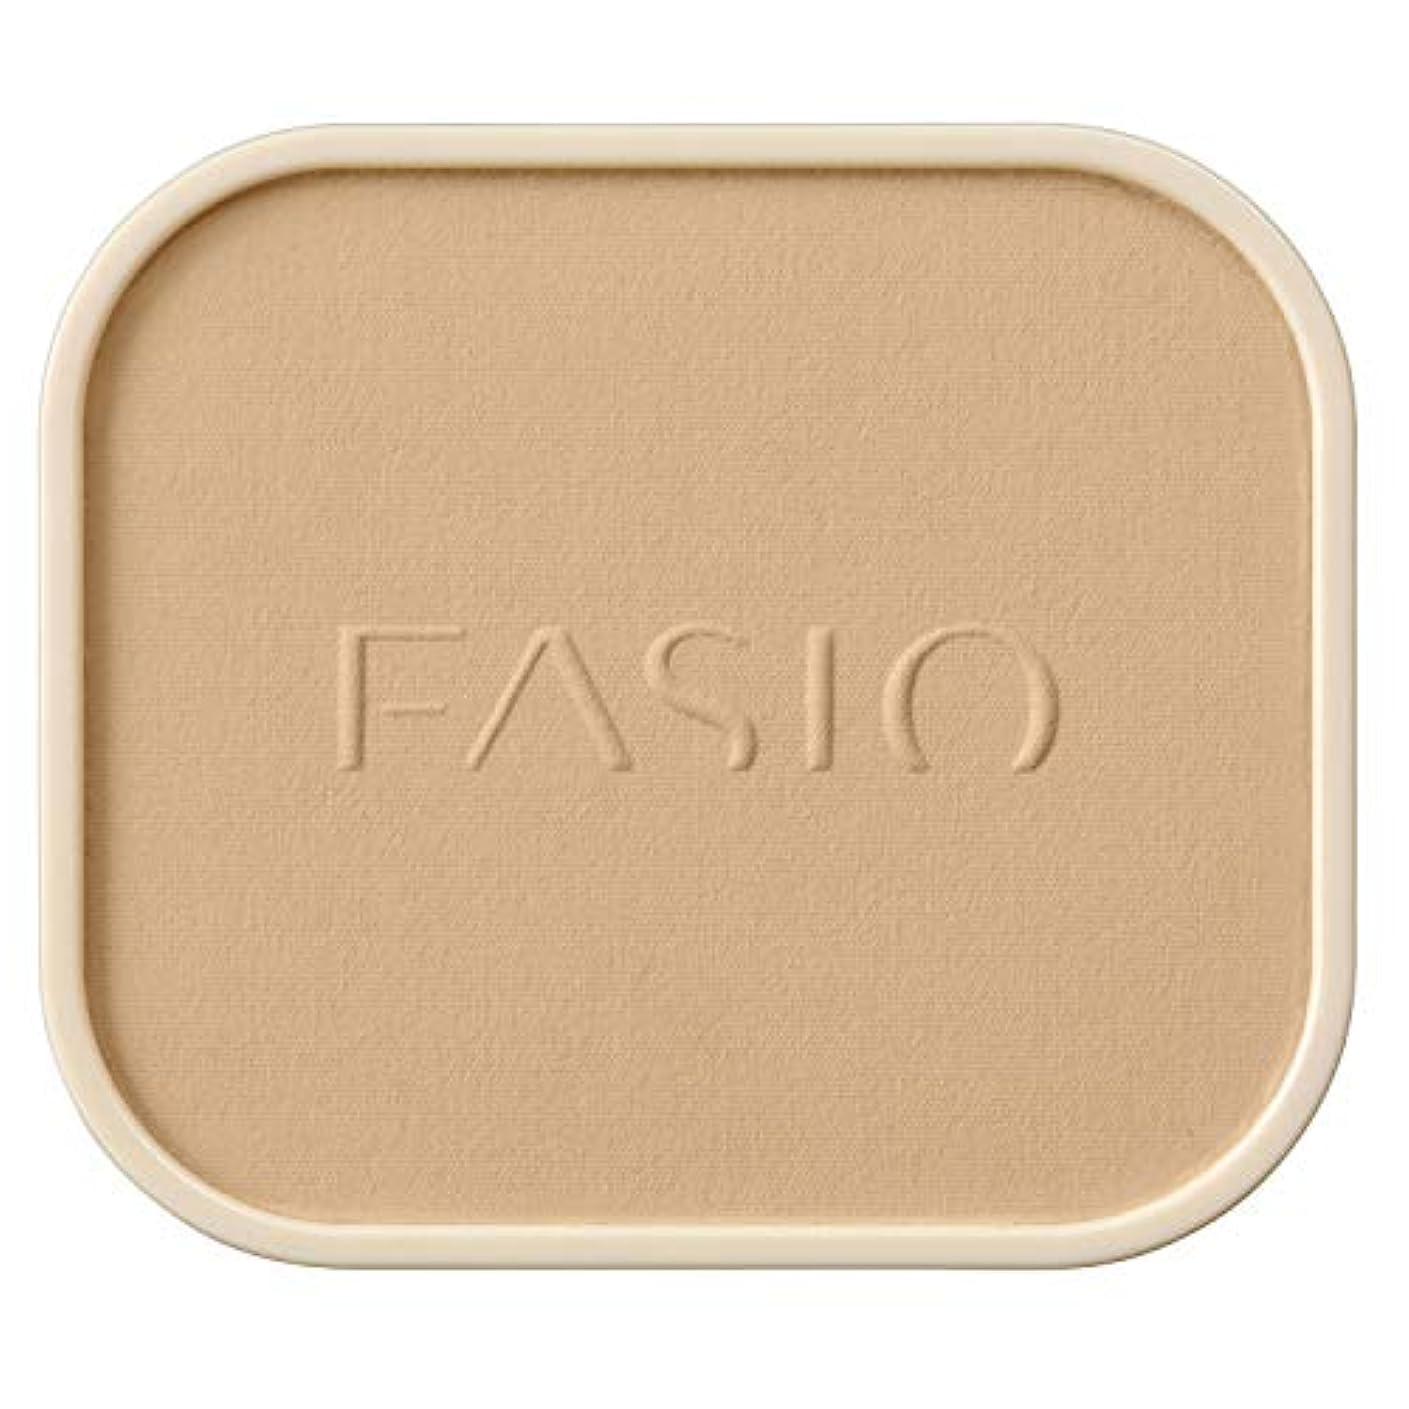 量お客様構成するファシオ ラスティング ファンデーション WP オークル 405 10g